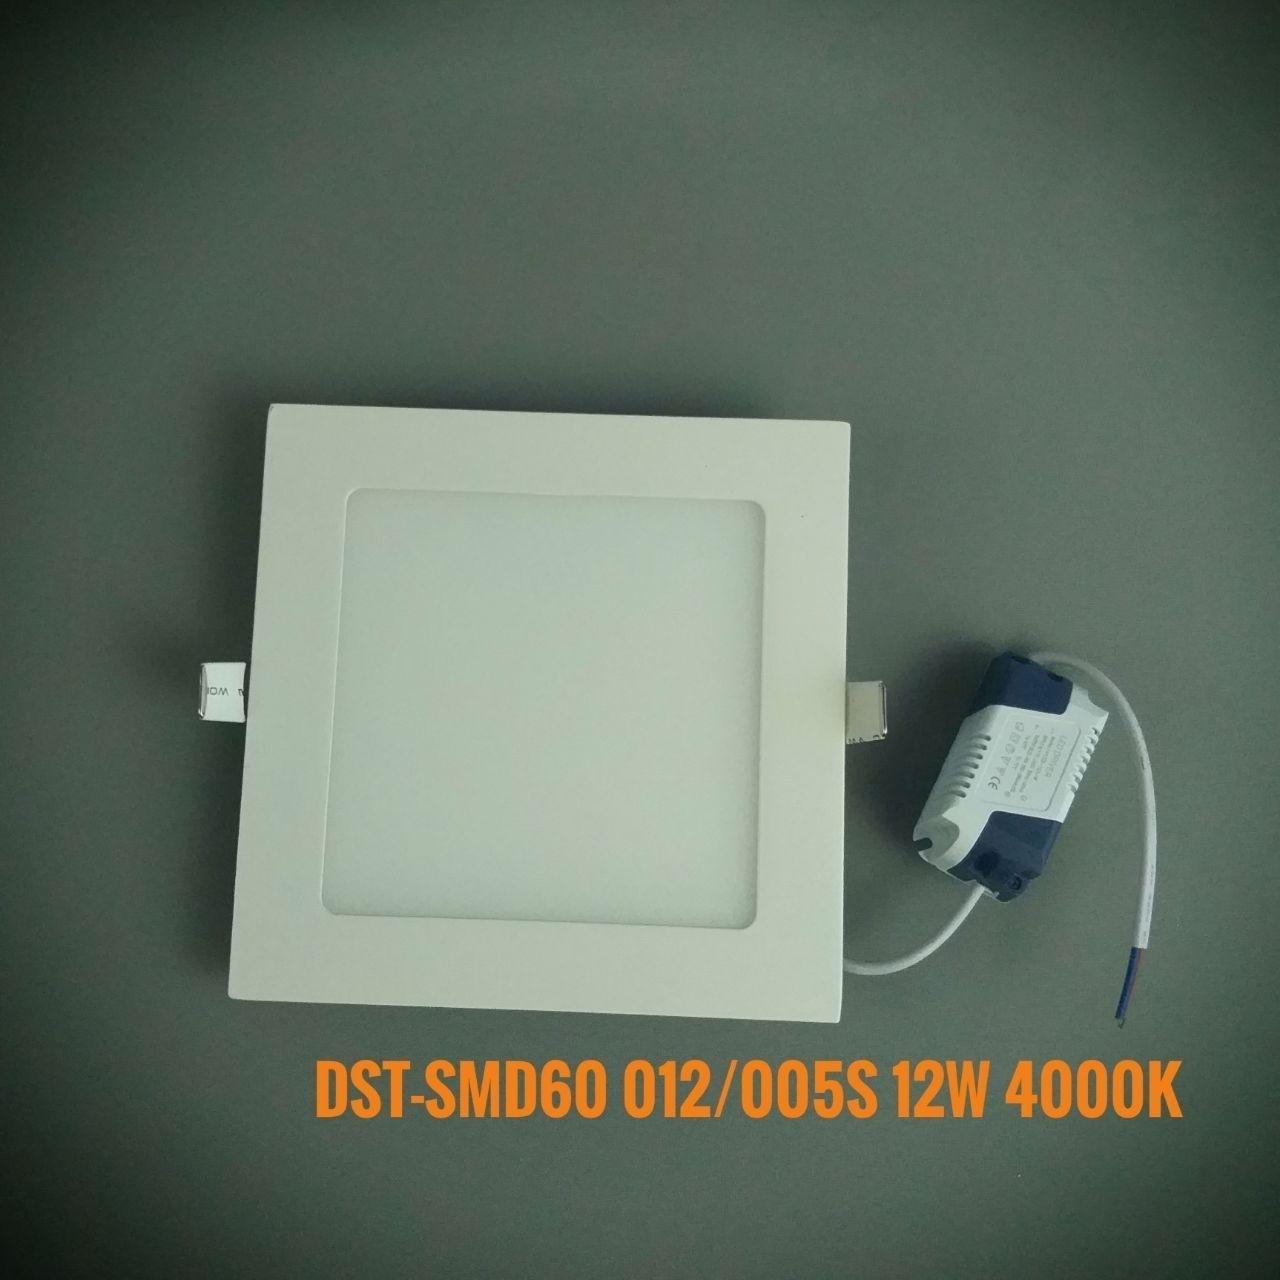 Світлодіодна панель квадрат врізний DST-SMD60/012/005S NW 4000K 12W